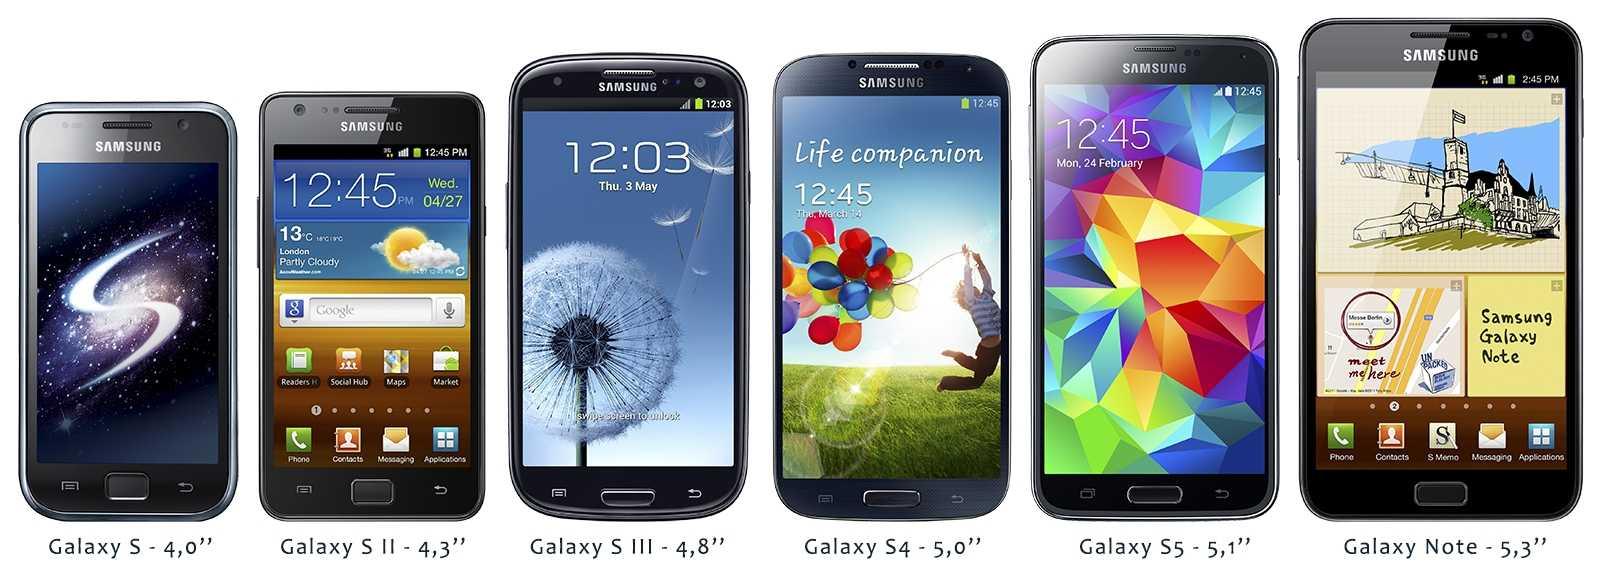 В самых дорогих смартфонах и планшетах samsung позеленели экраны. перезагрузка и сброс настроек не помогают - cnews